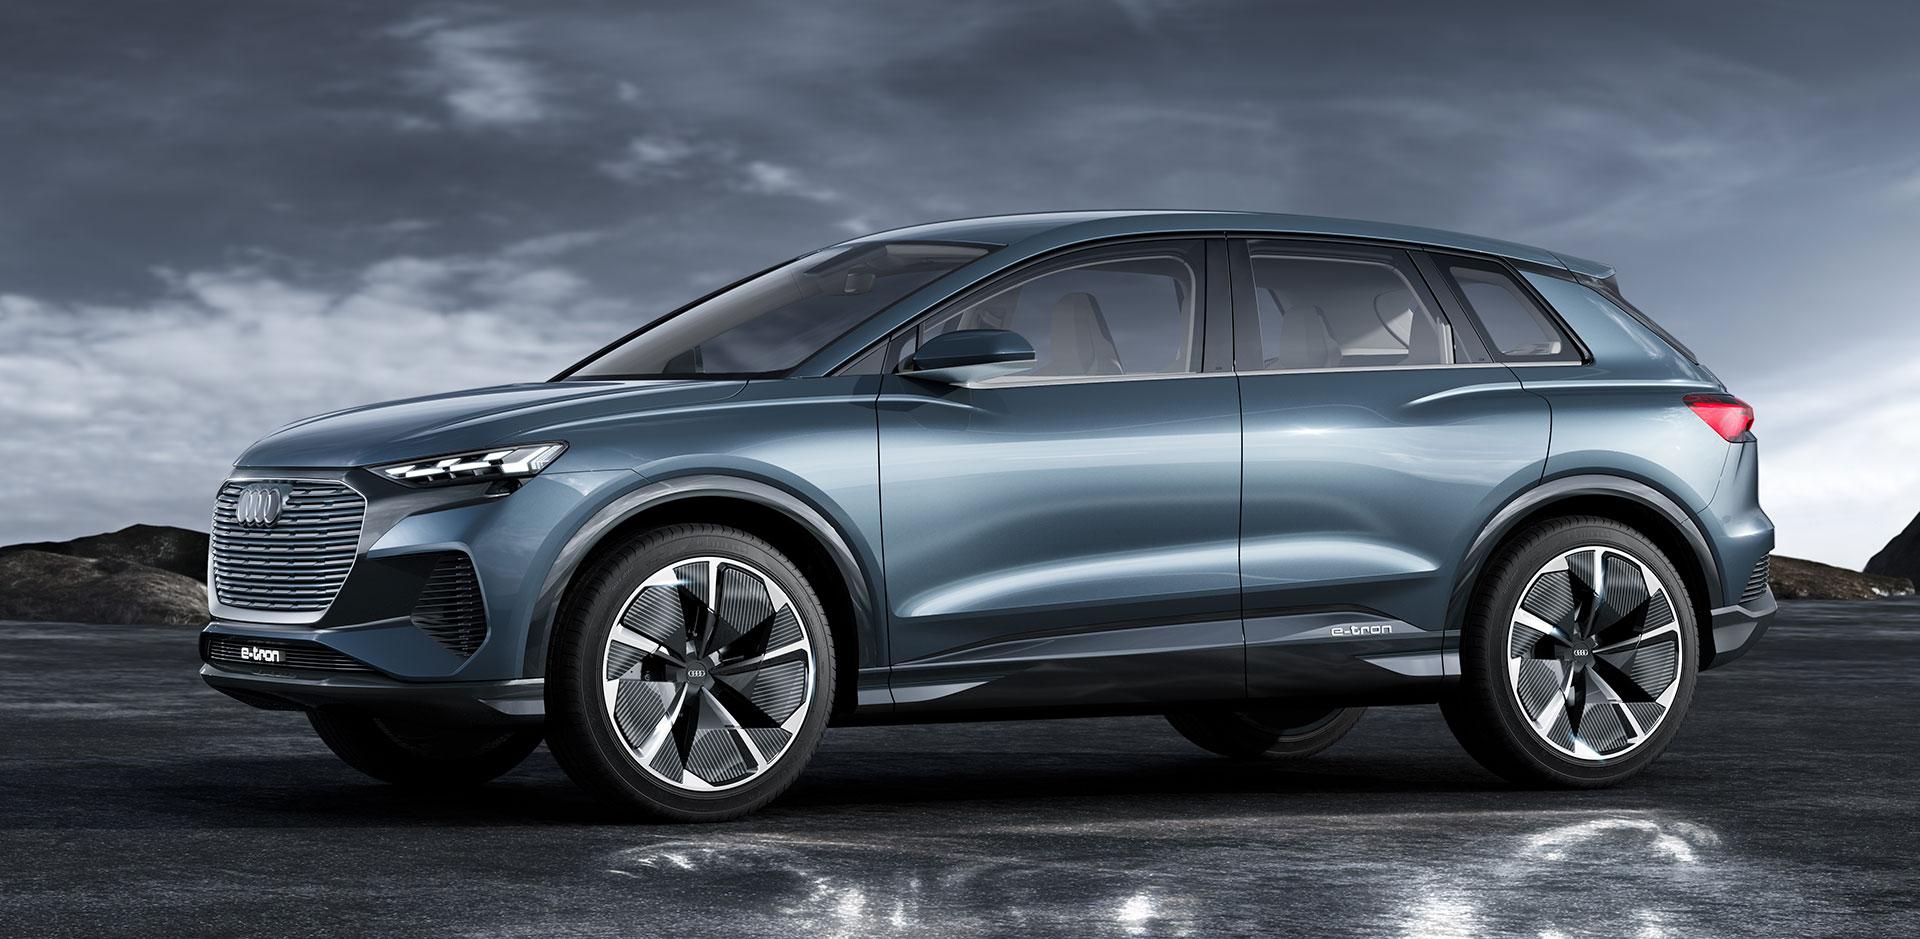 Audi Q4 E Tron Concept 2019 13